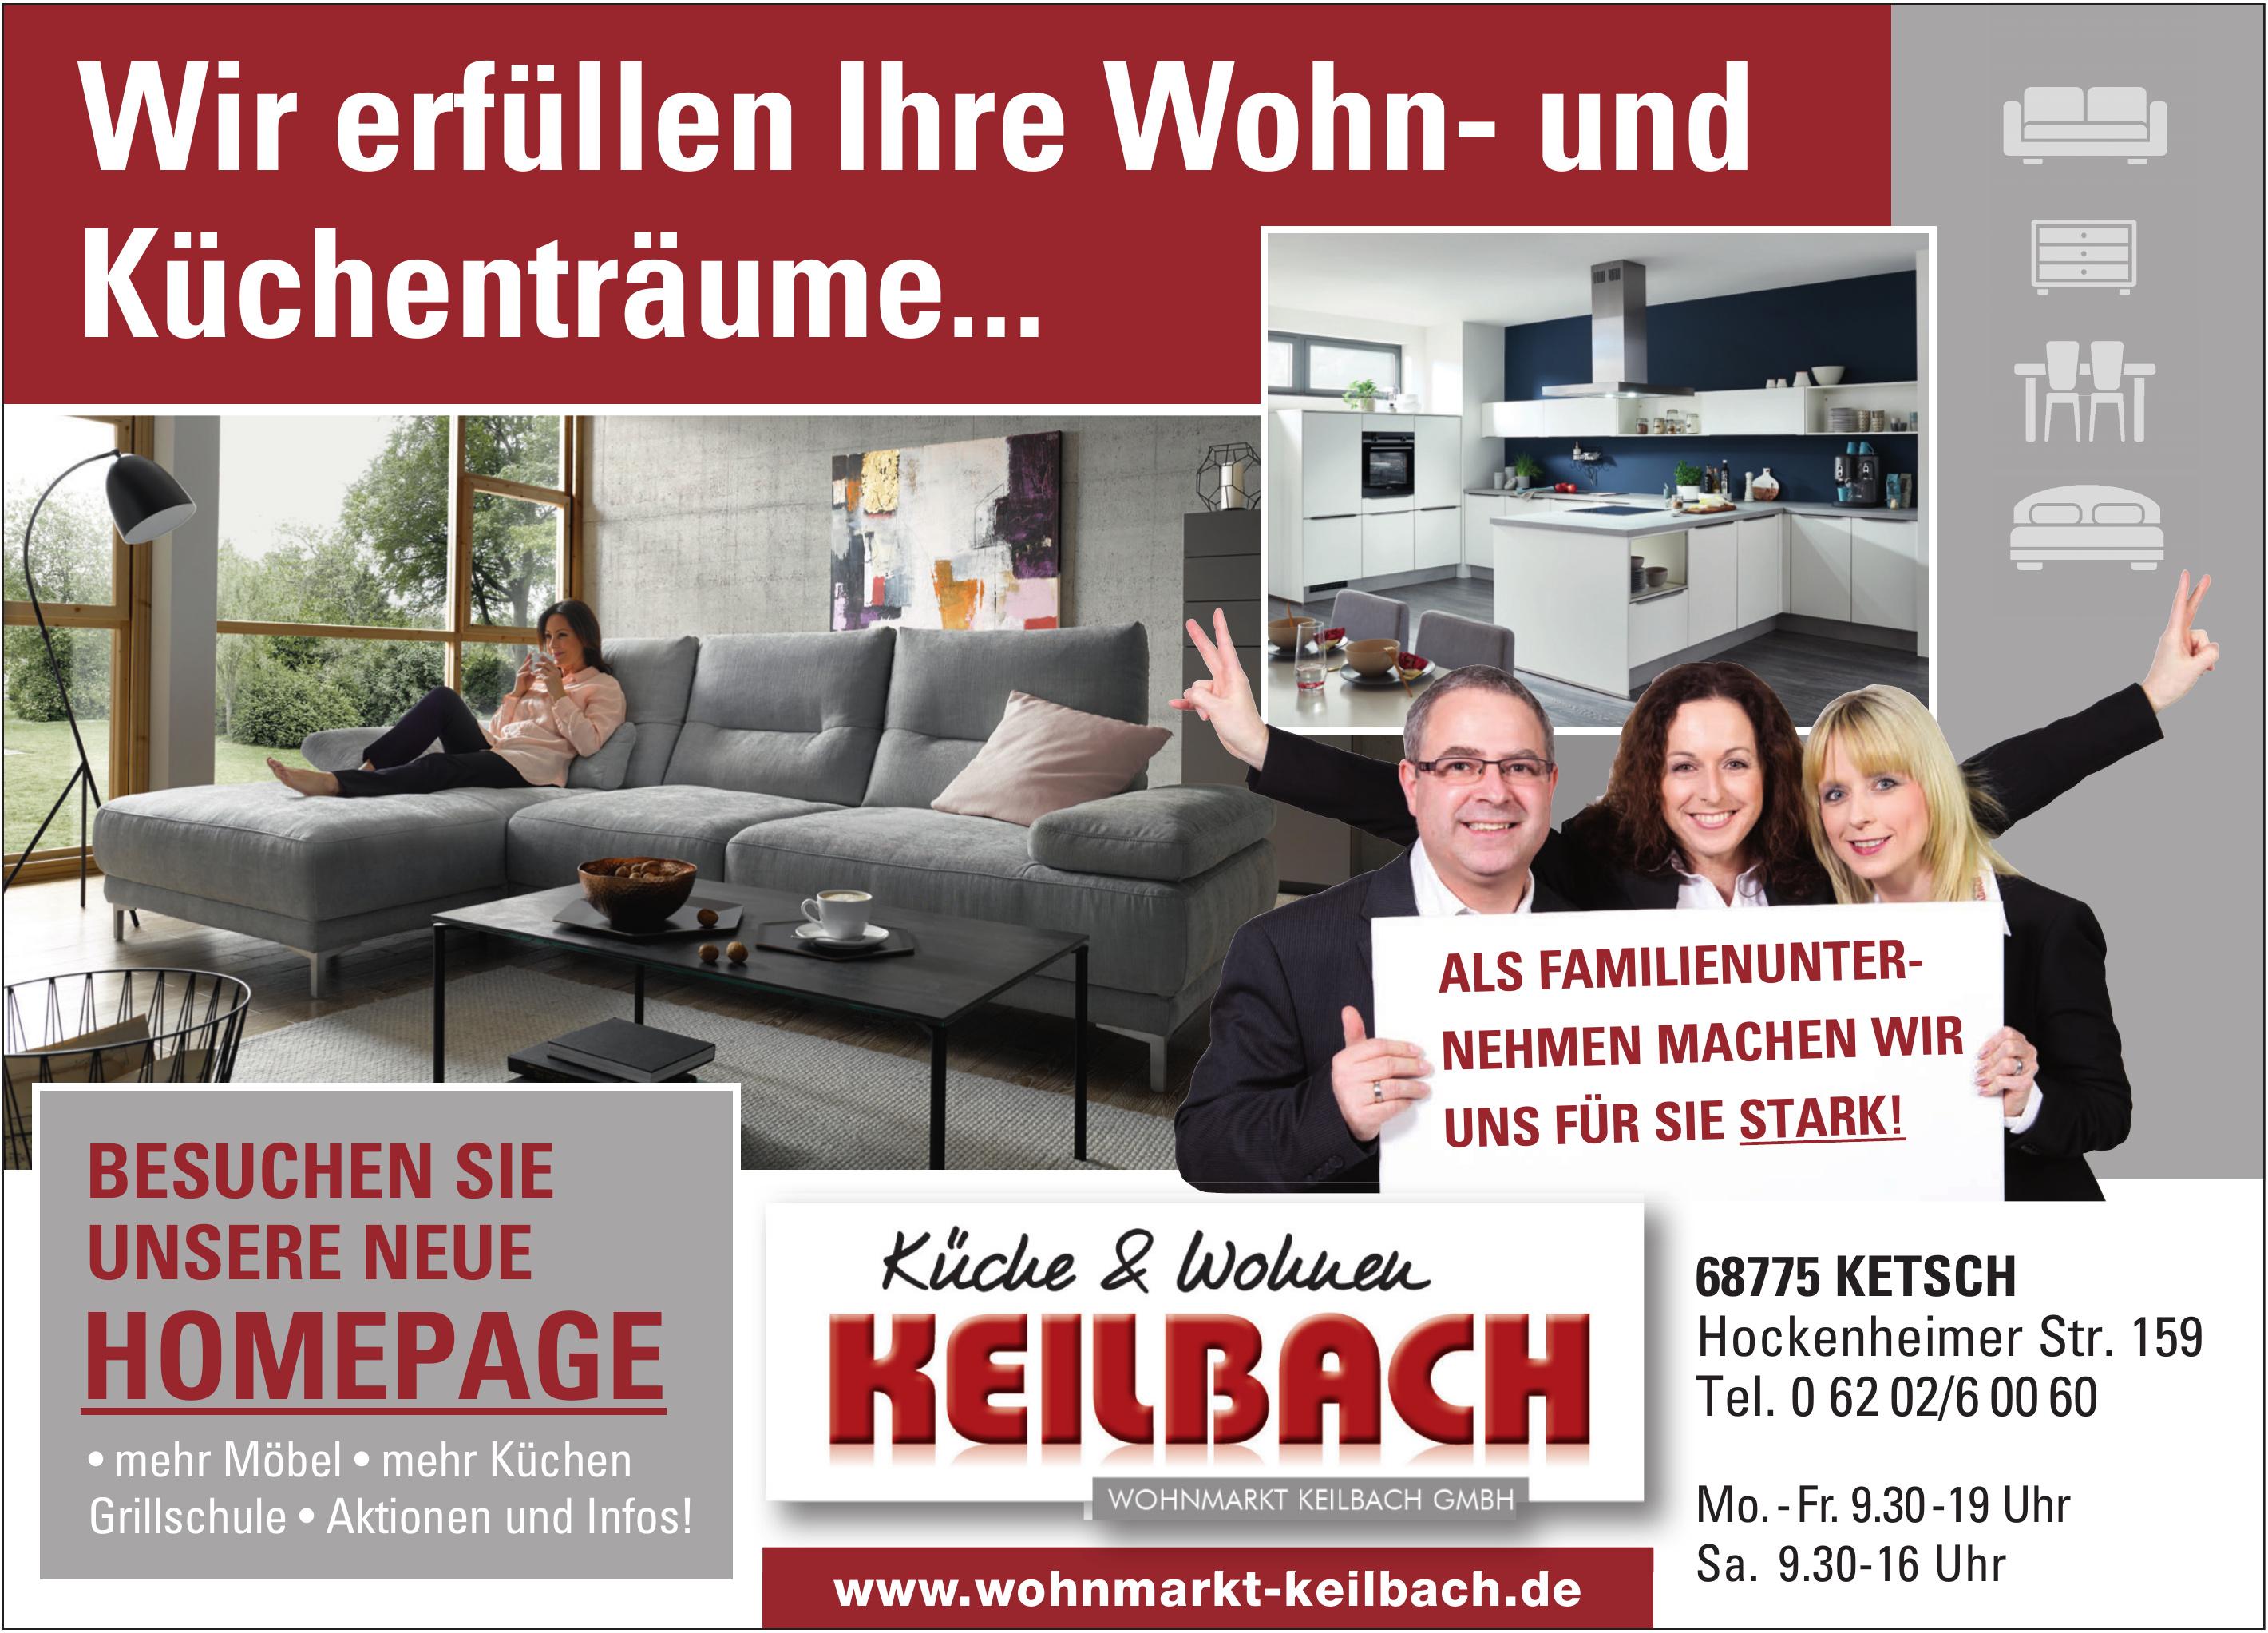 Wohnmarkt Fritz Keilbach GmbH